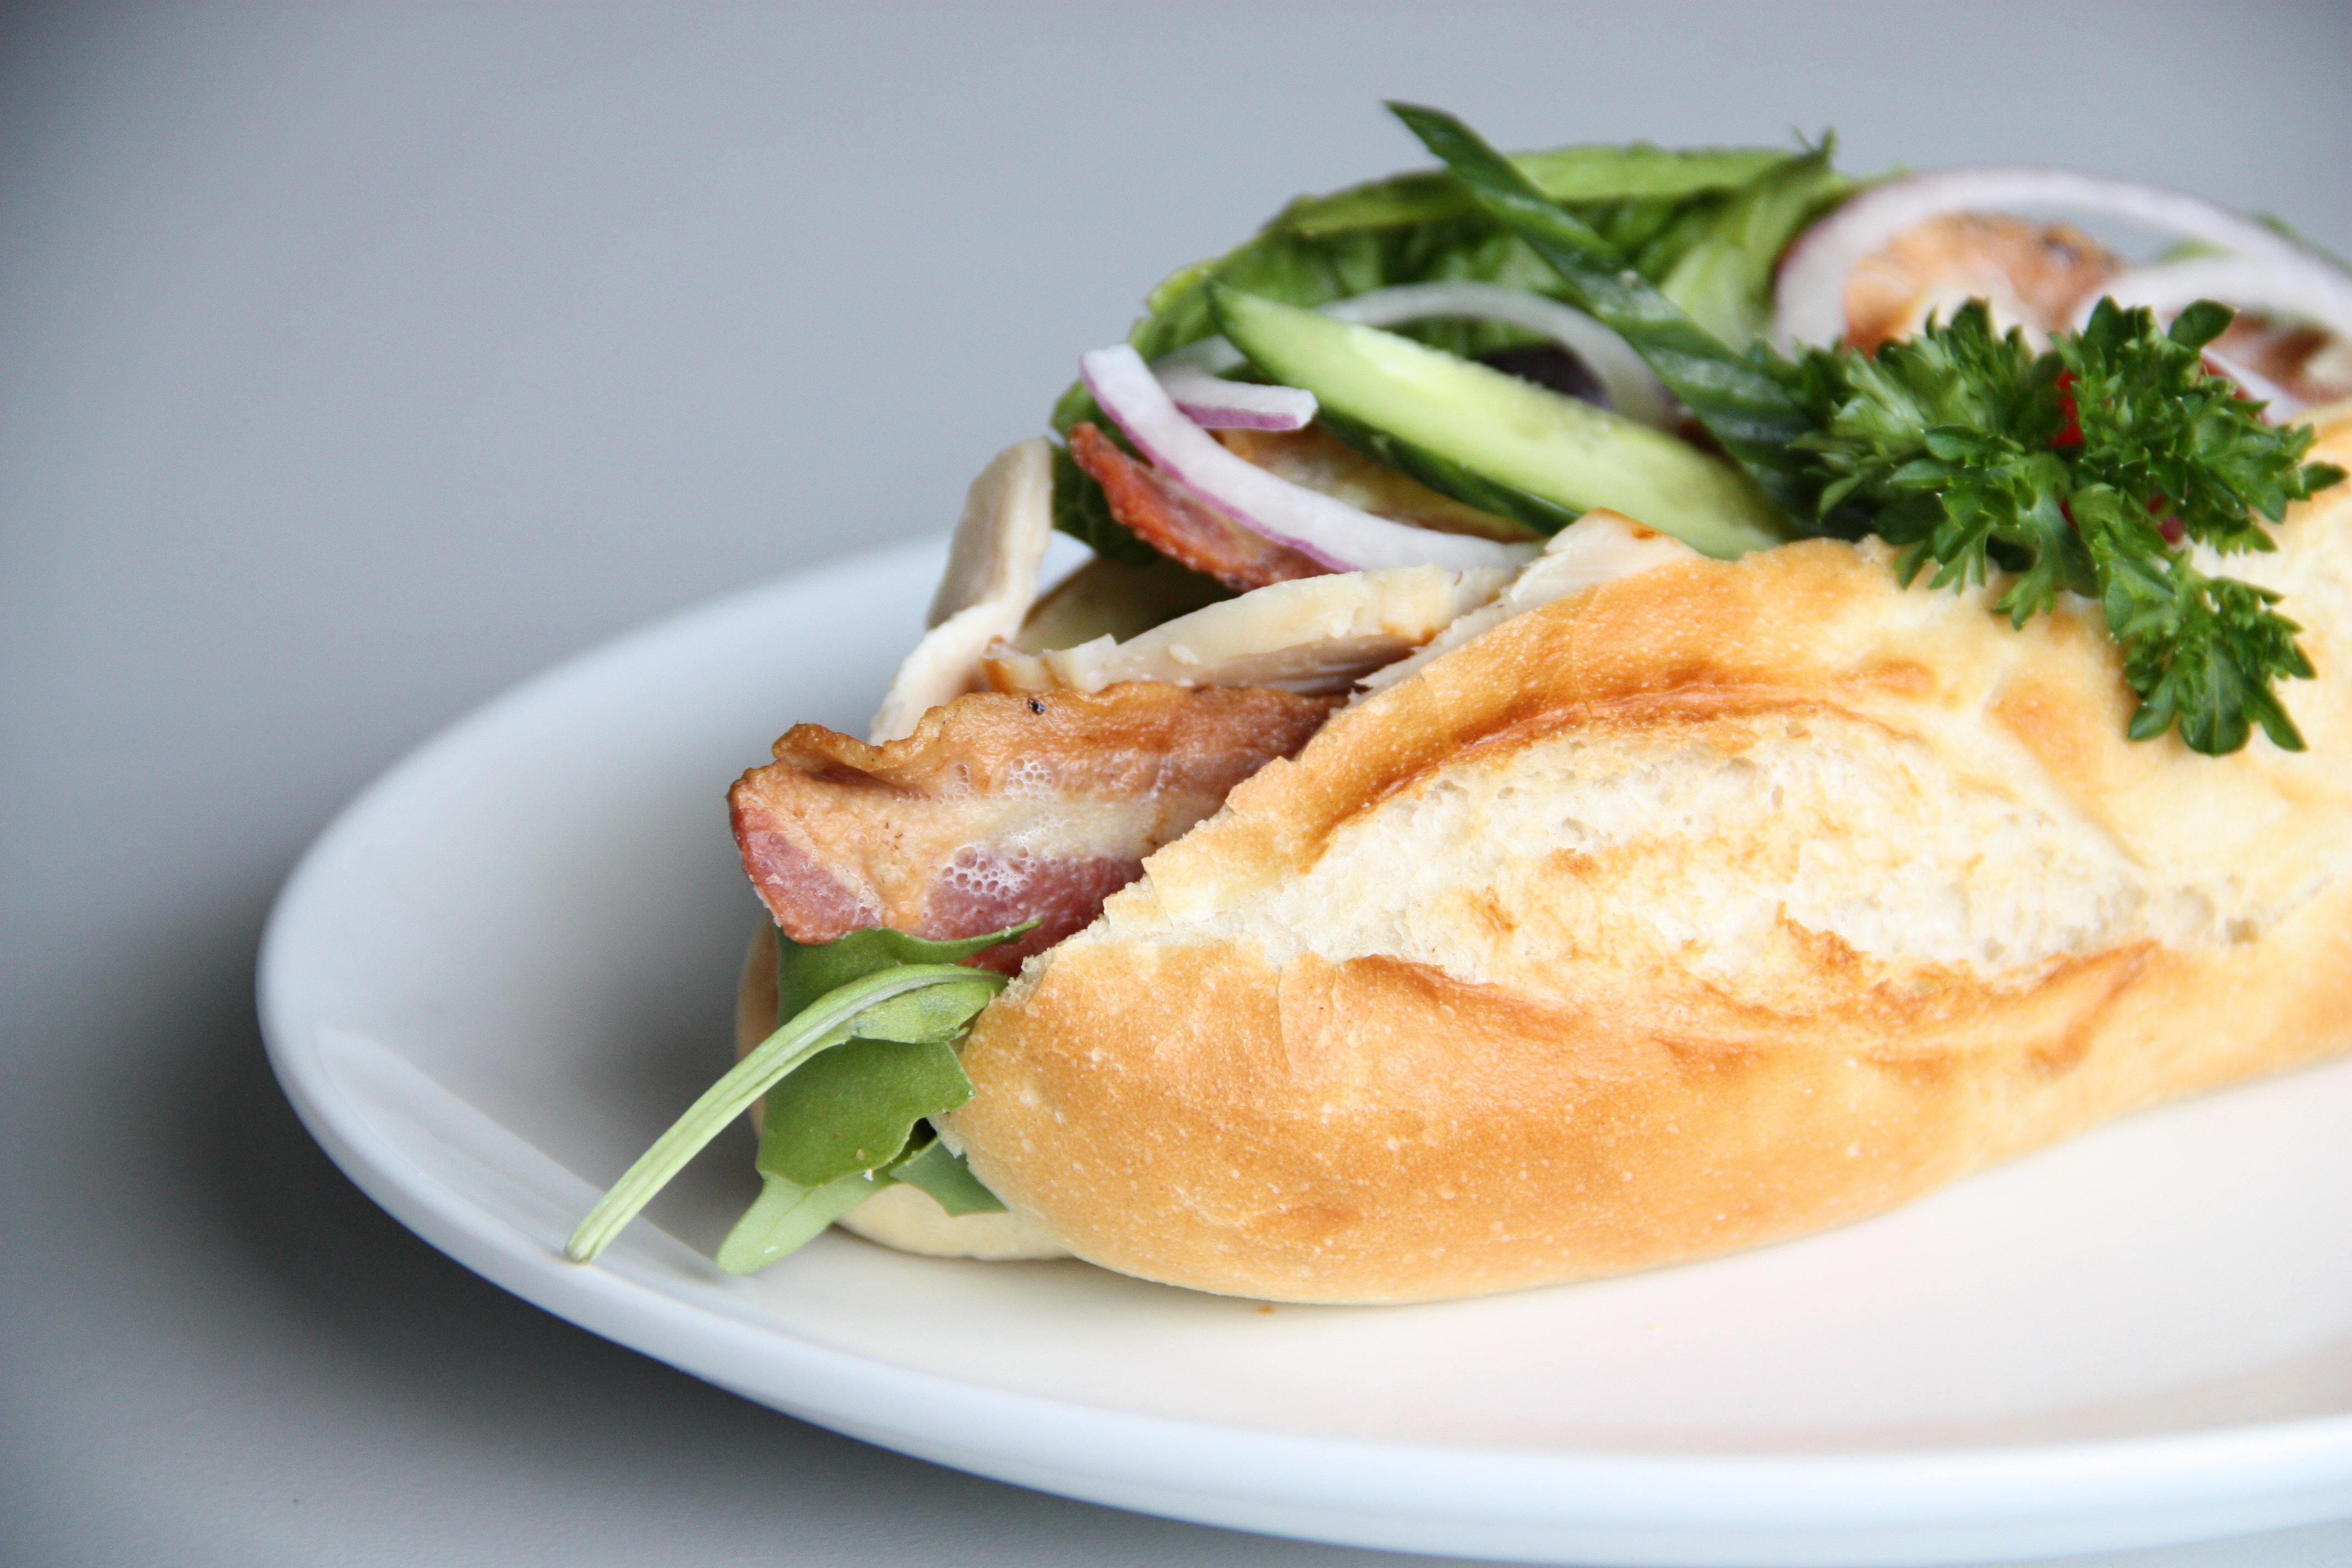 Vietnamese Bahn Mi Pork Sandwich on White Background